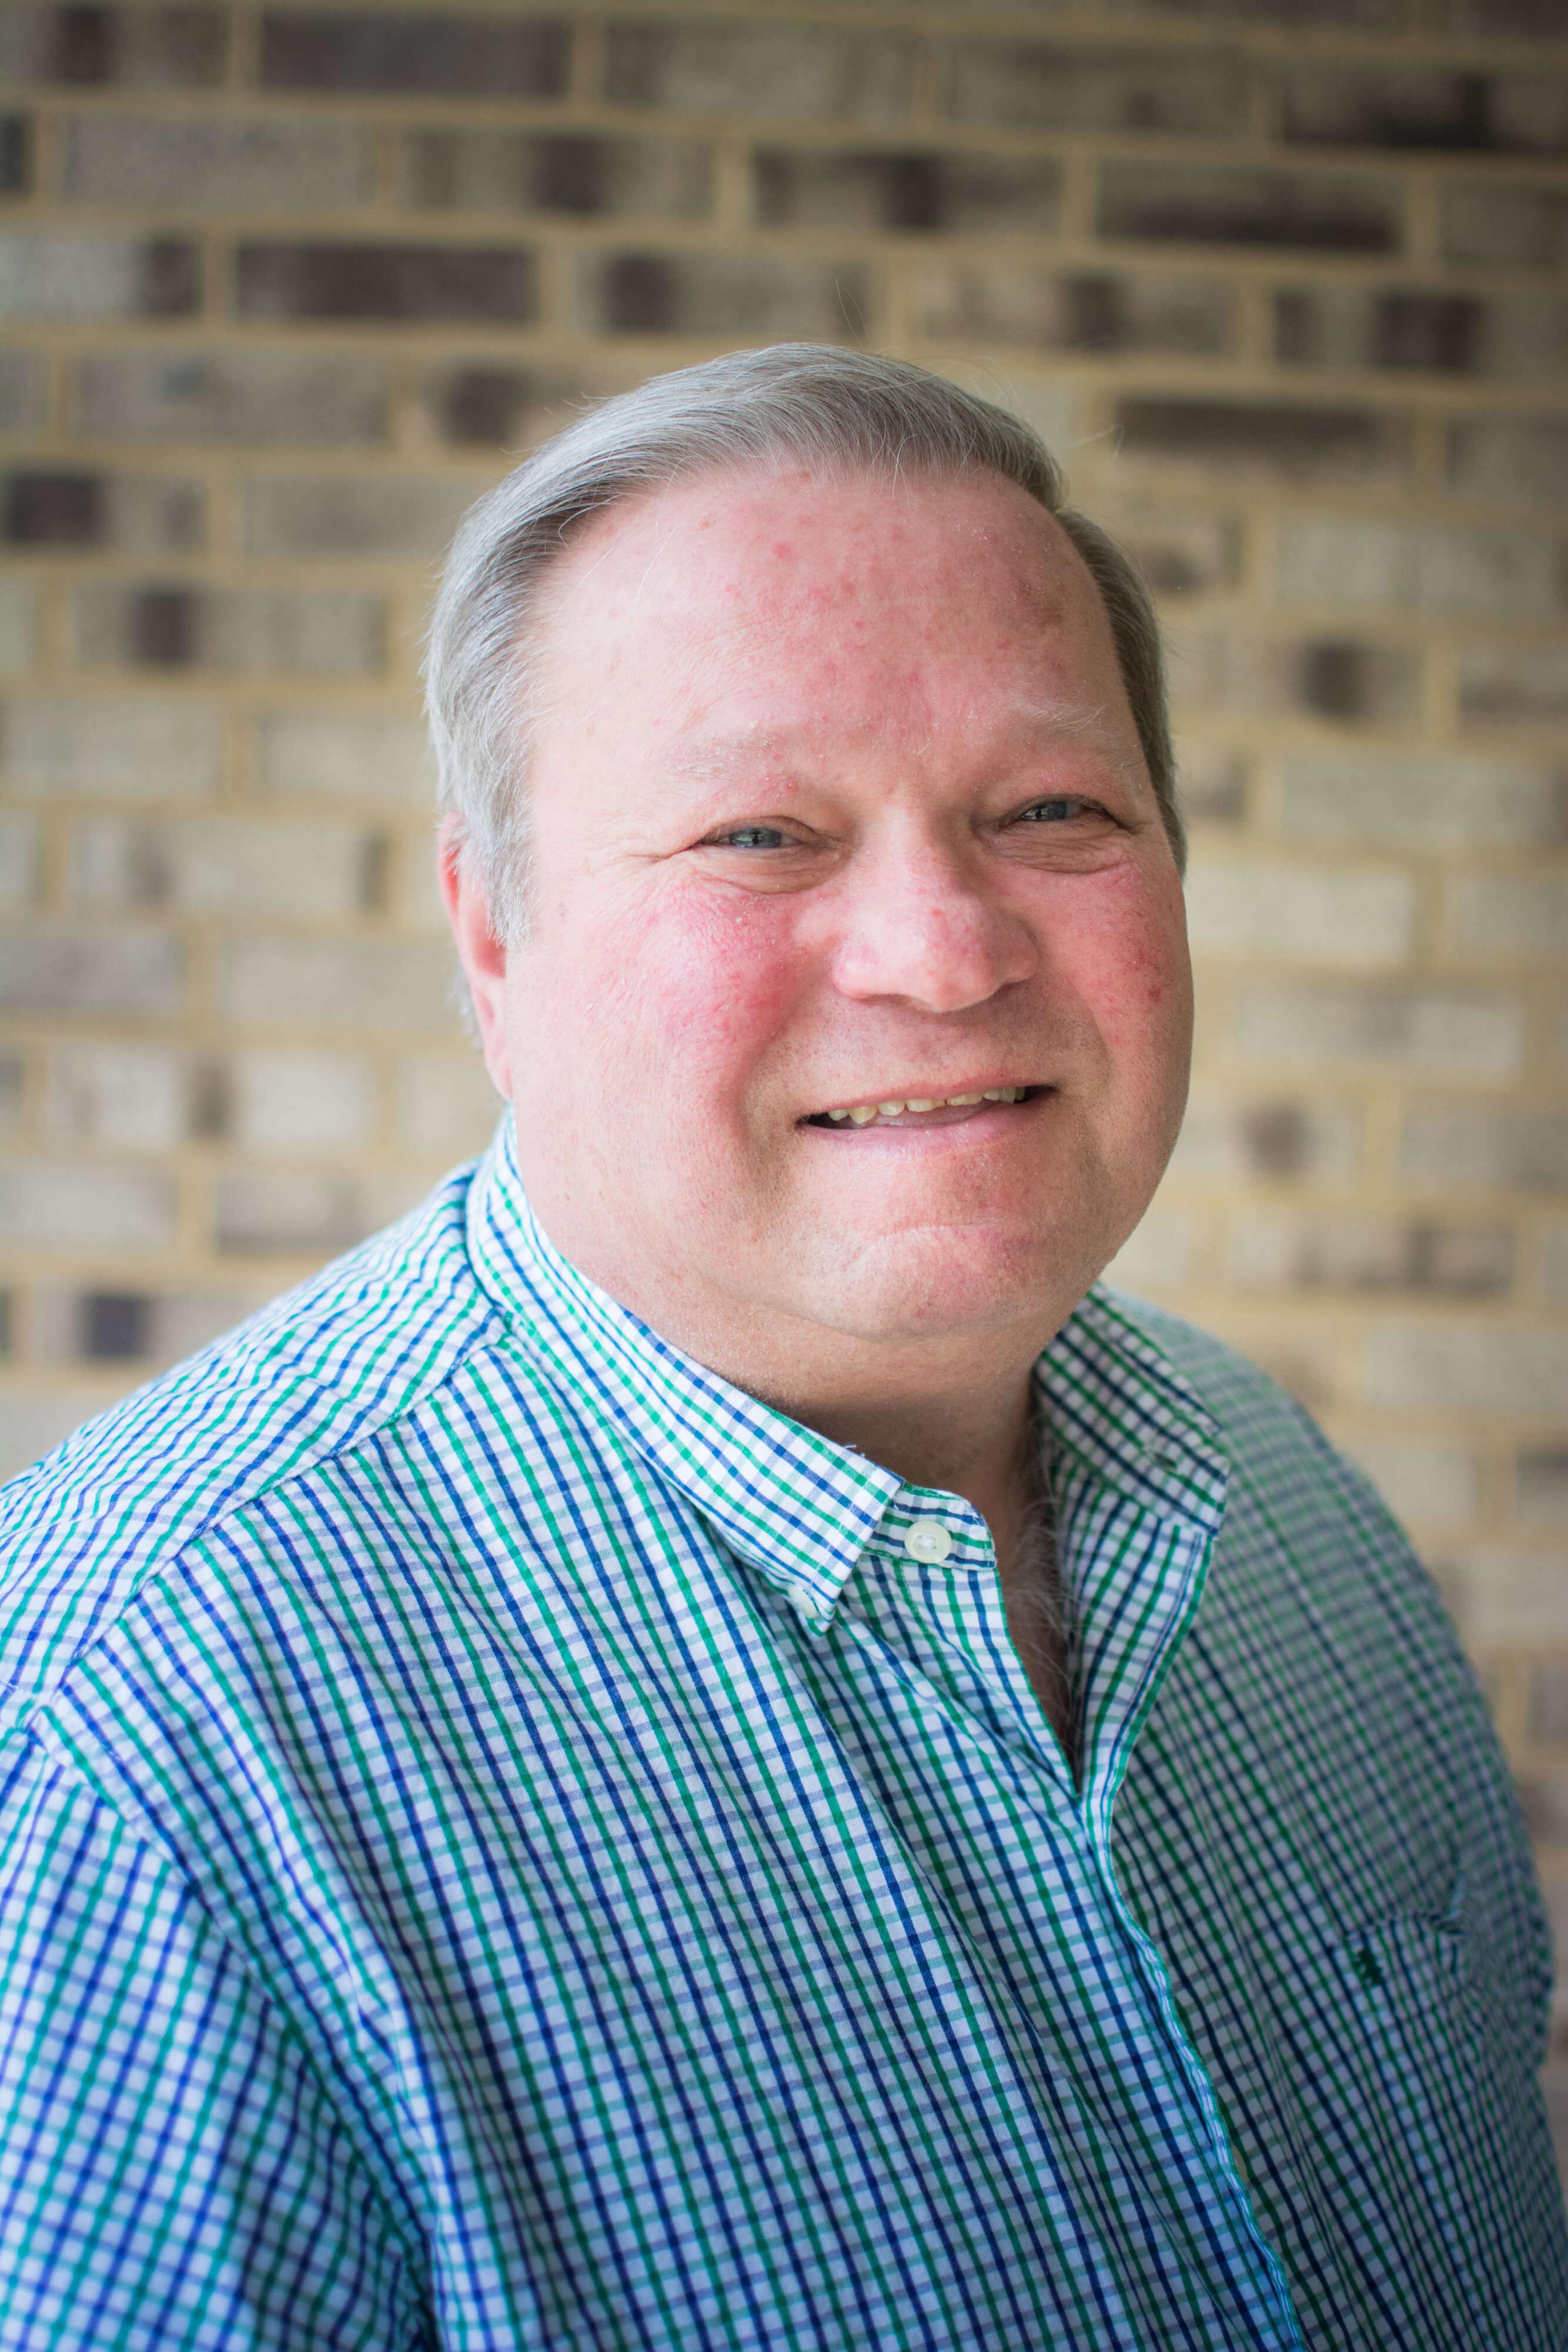 Rick Baither